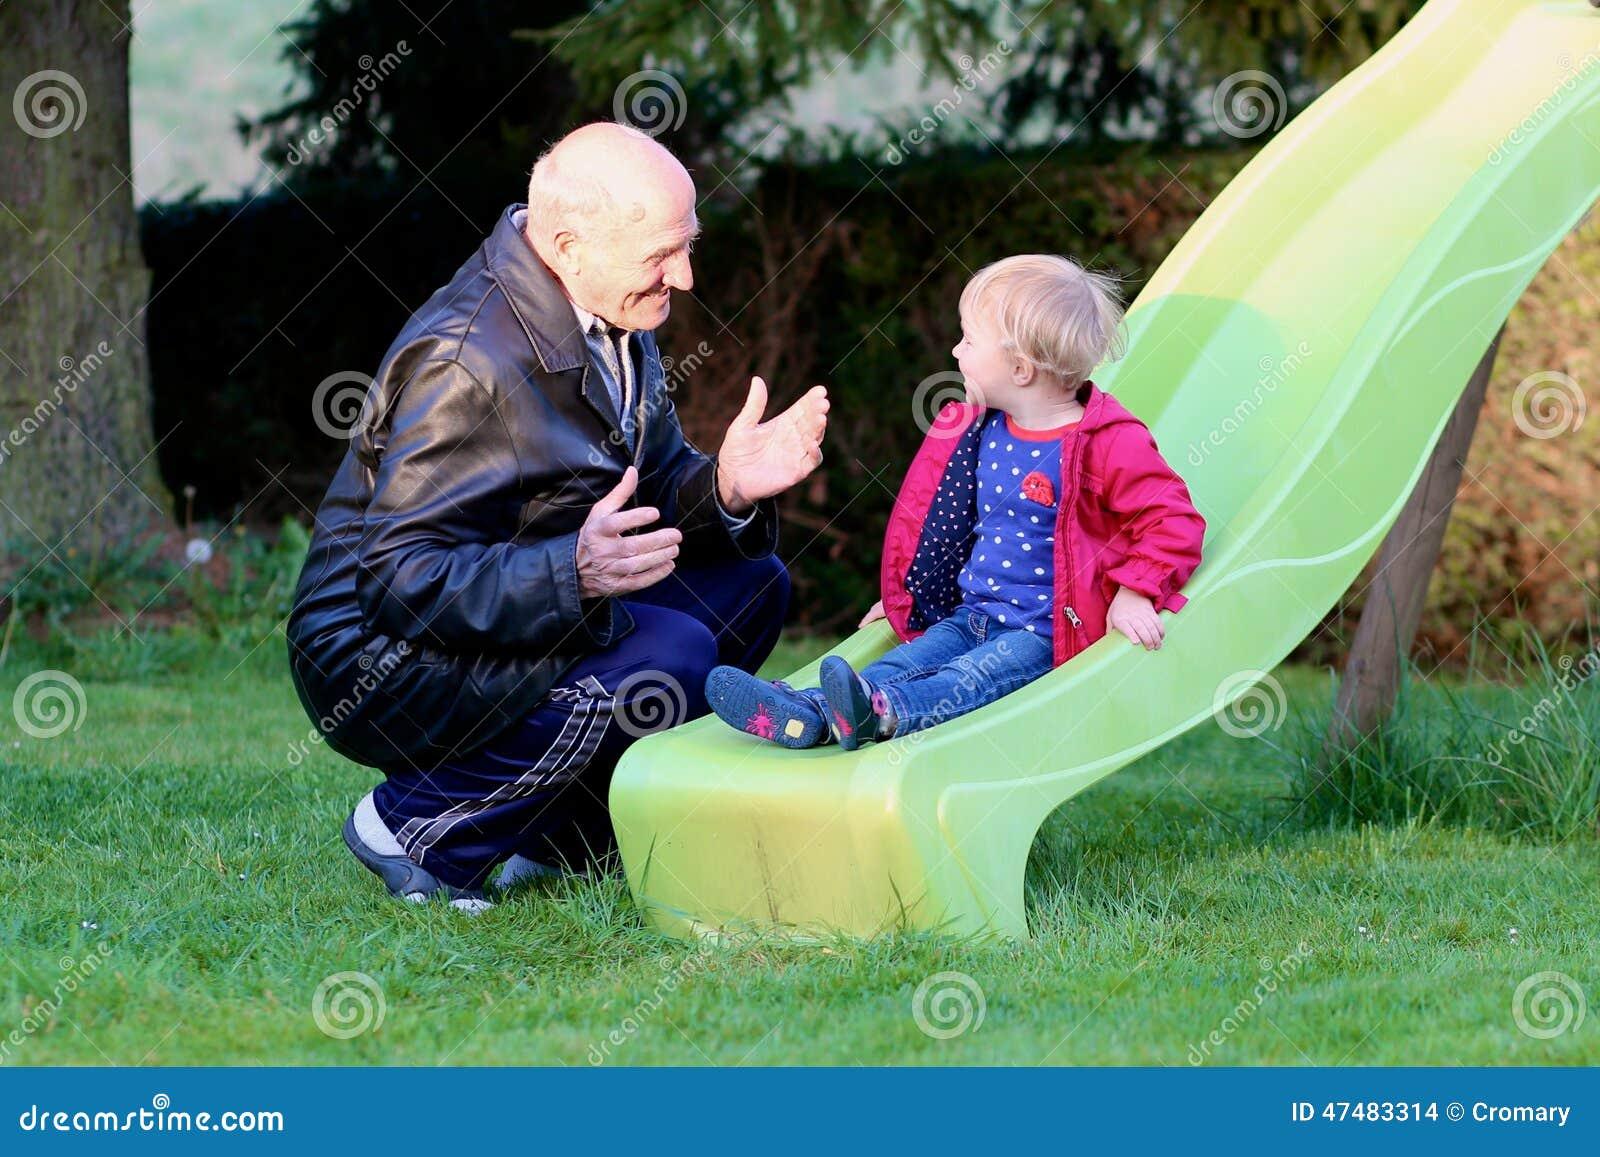 jeux de grand p re avec la petite fille sur le terrain de jeu photo stock image 47483314. Black Bedroom Furniture Sets. Home Design Ideas